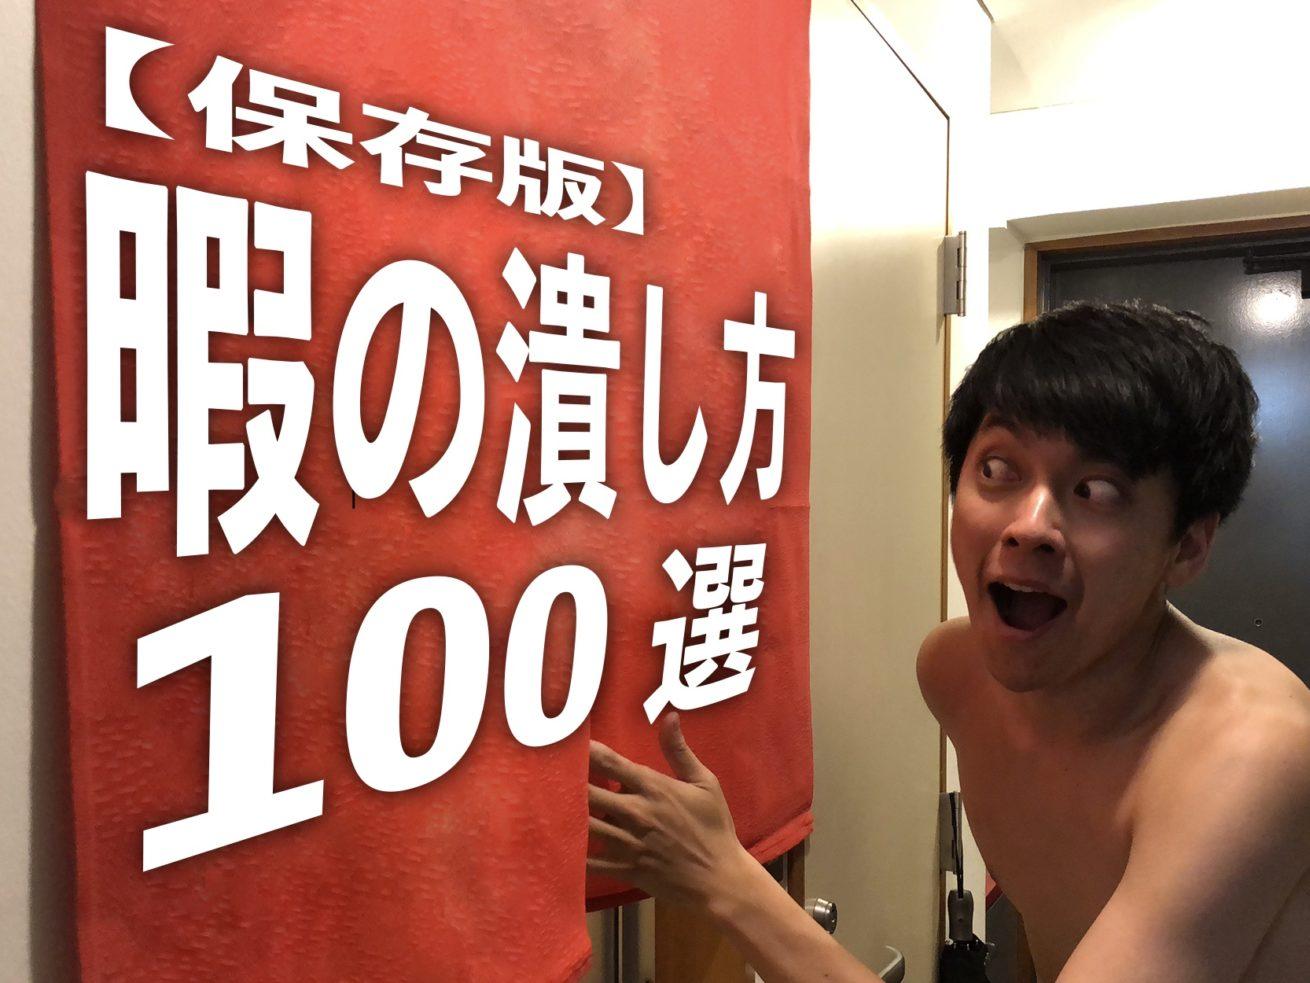 【保存版】暇の潰し方100選【厳選】